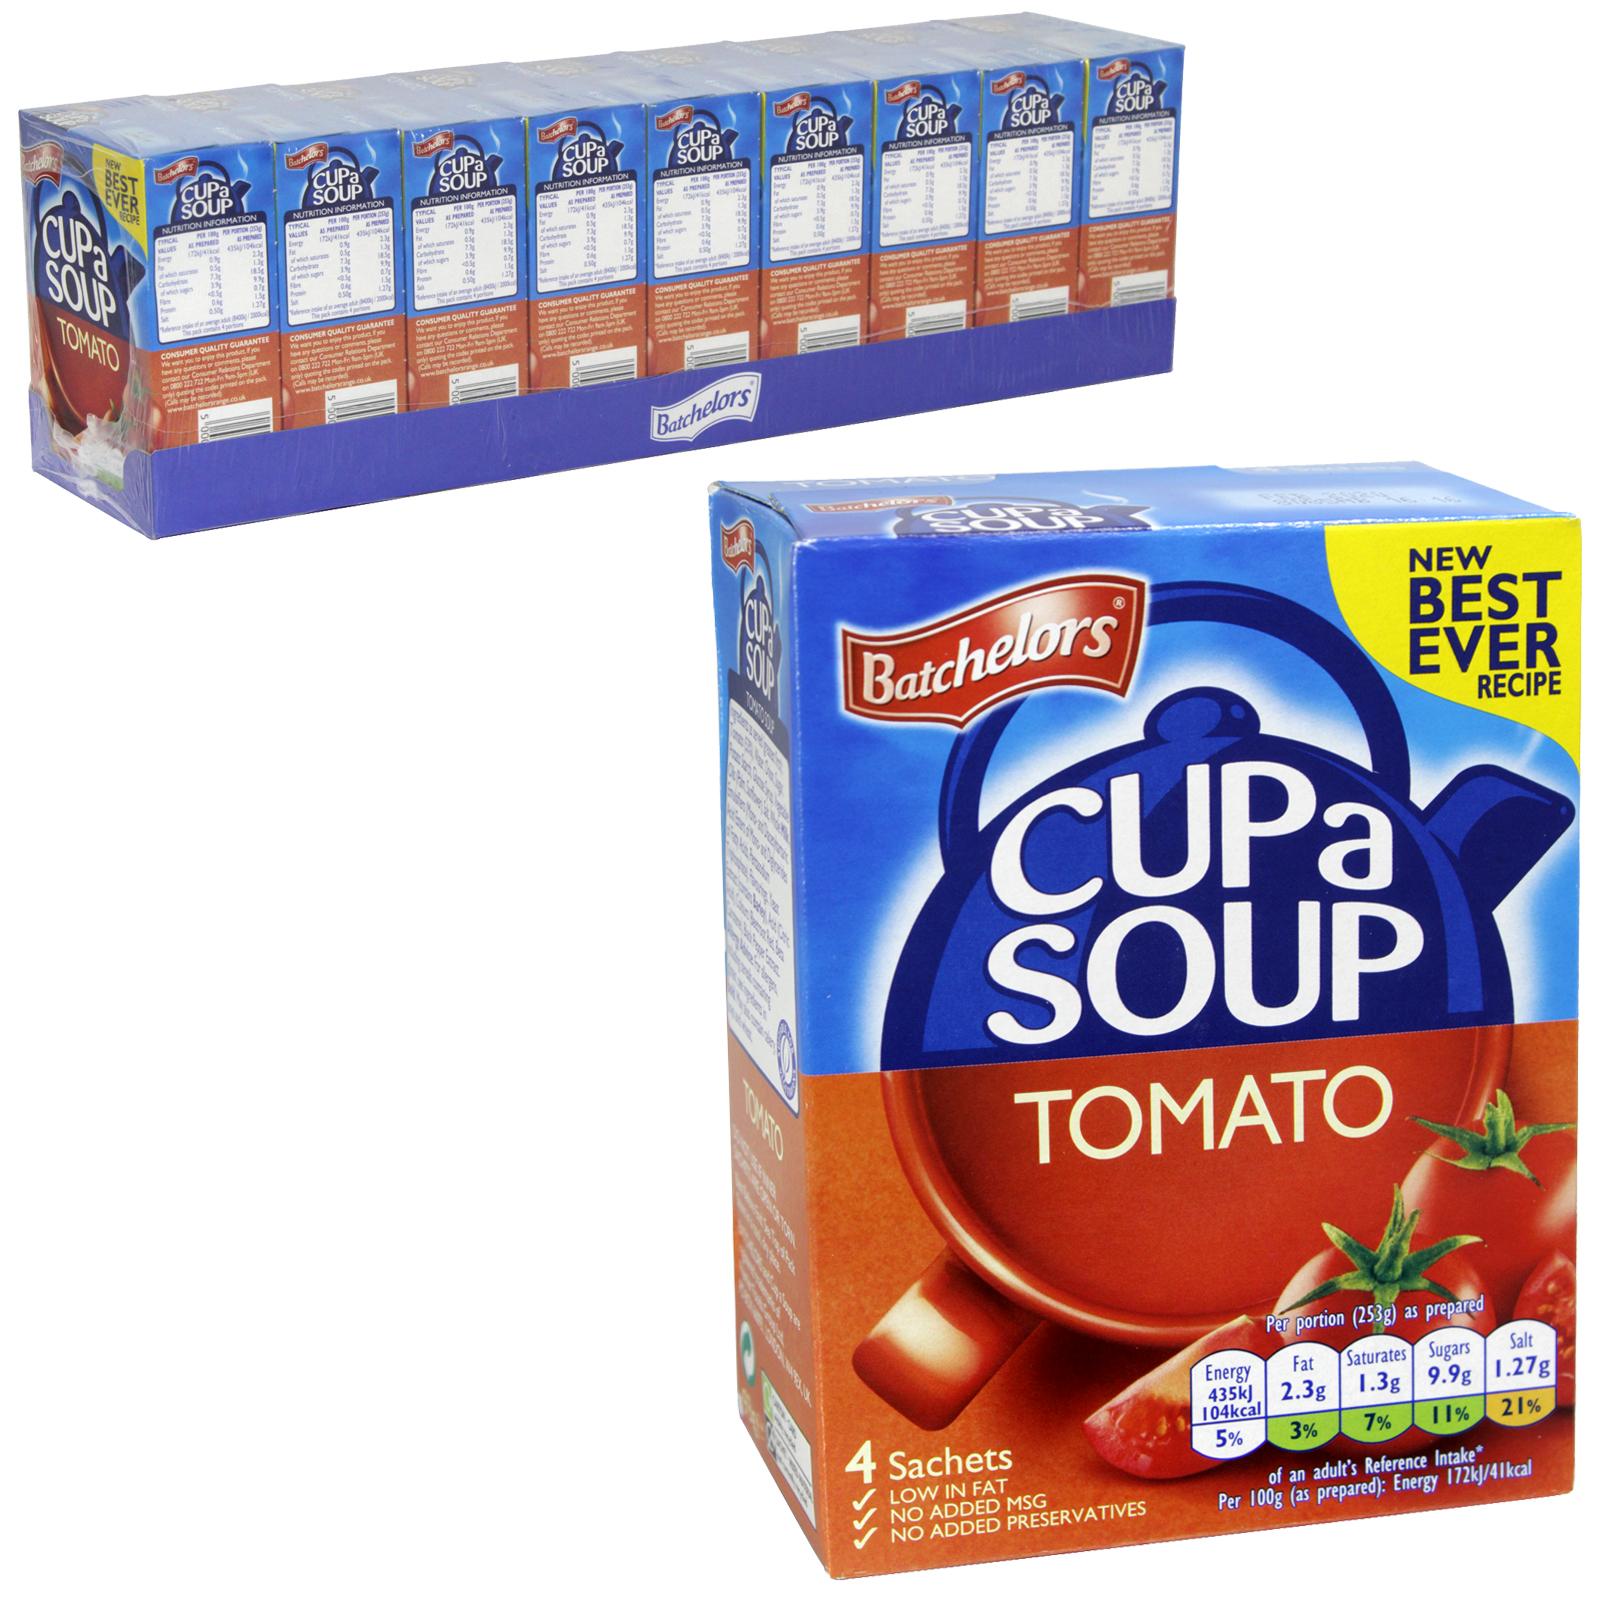 BATCH CUP-A-SOUP 4PK TOMATO PM£1.36 X9